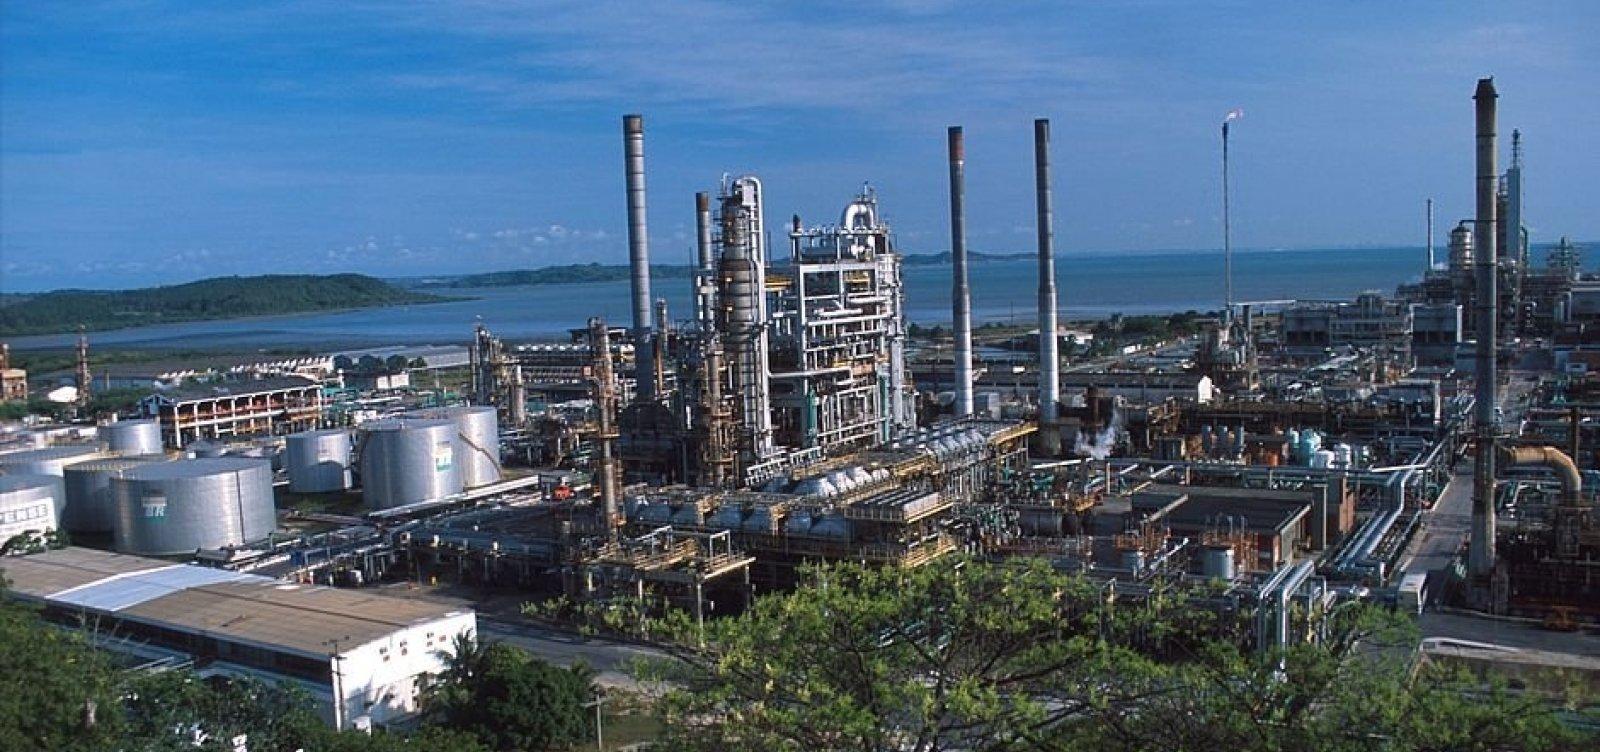 Petrobras venderá metade das refinarias de petróleo a partir de junho